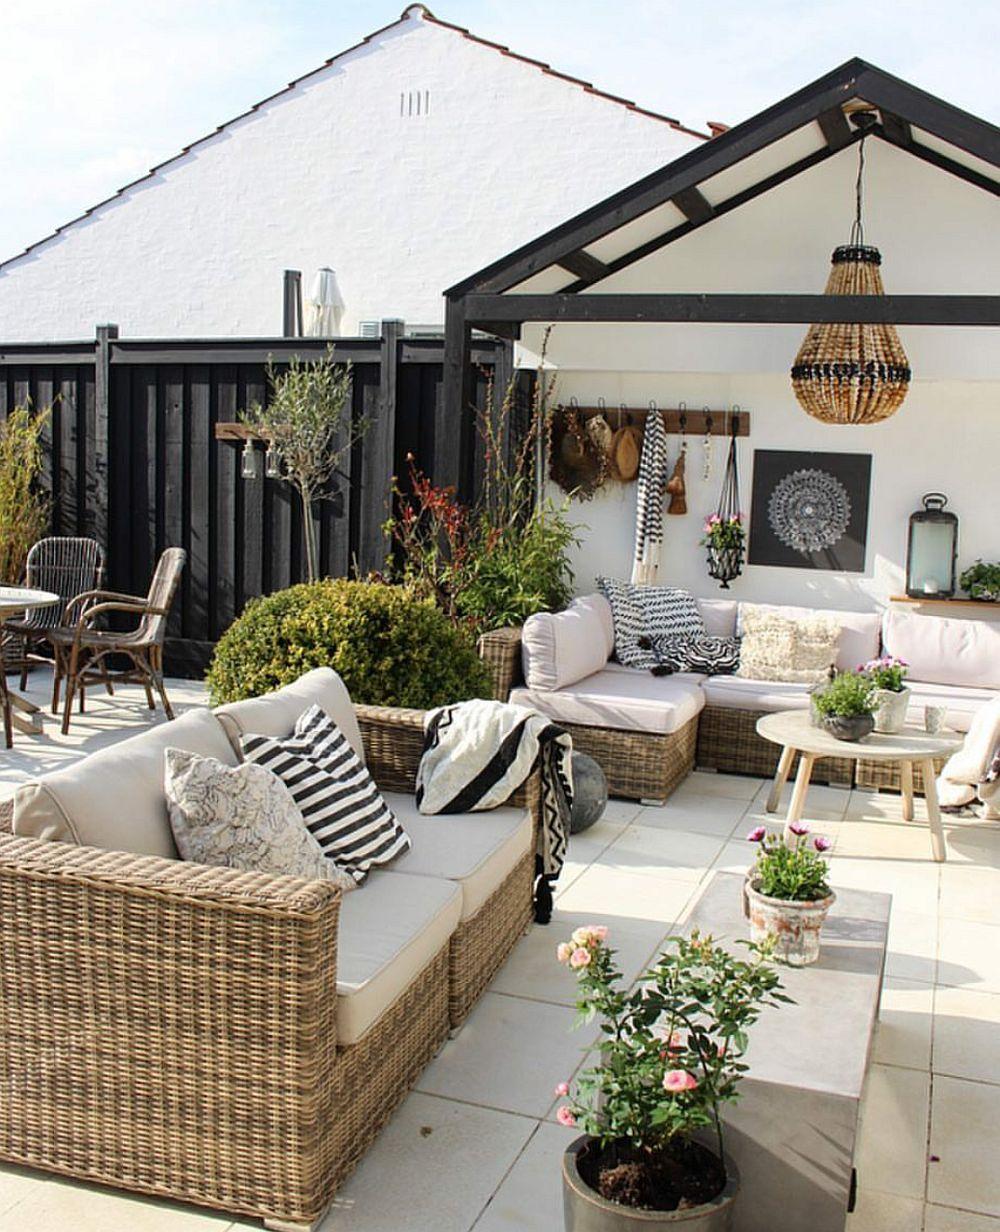 adelaparvu.com despre terasa in stil Nordic Boho, designer si foto Kristen Skovbon (4)